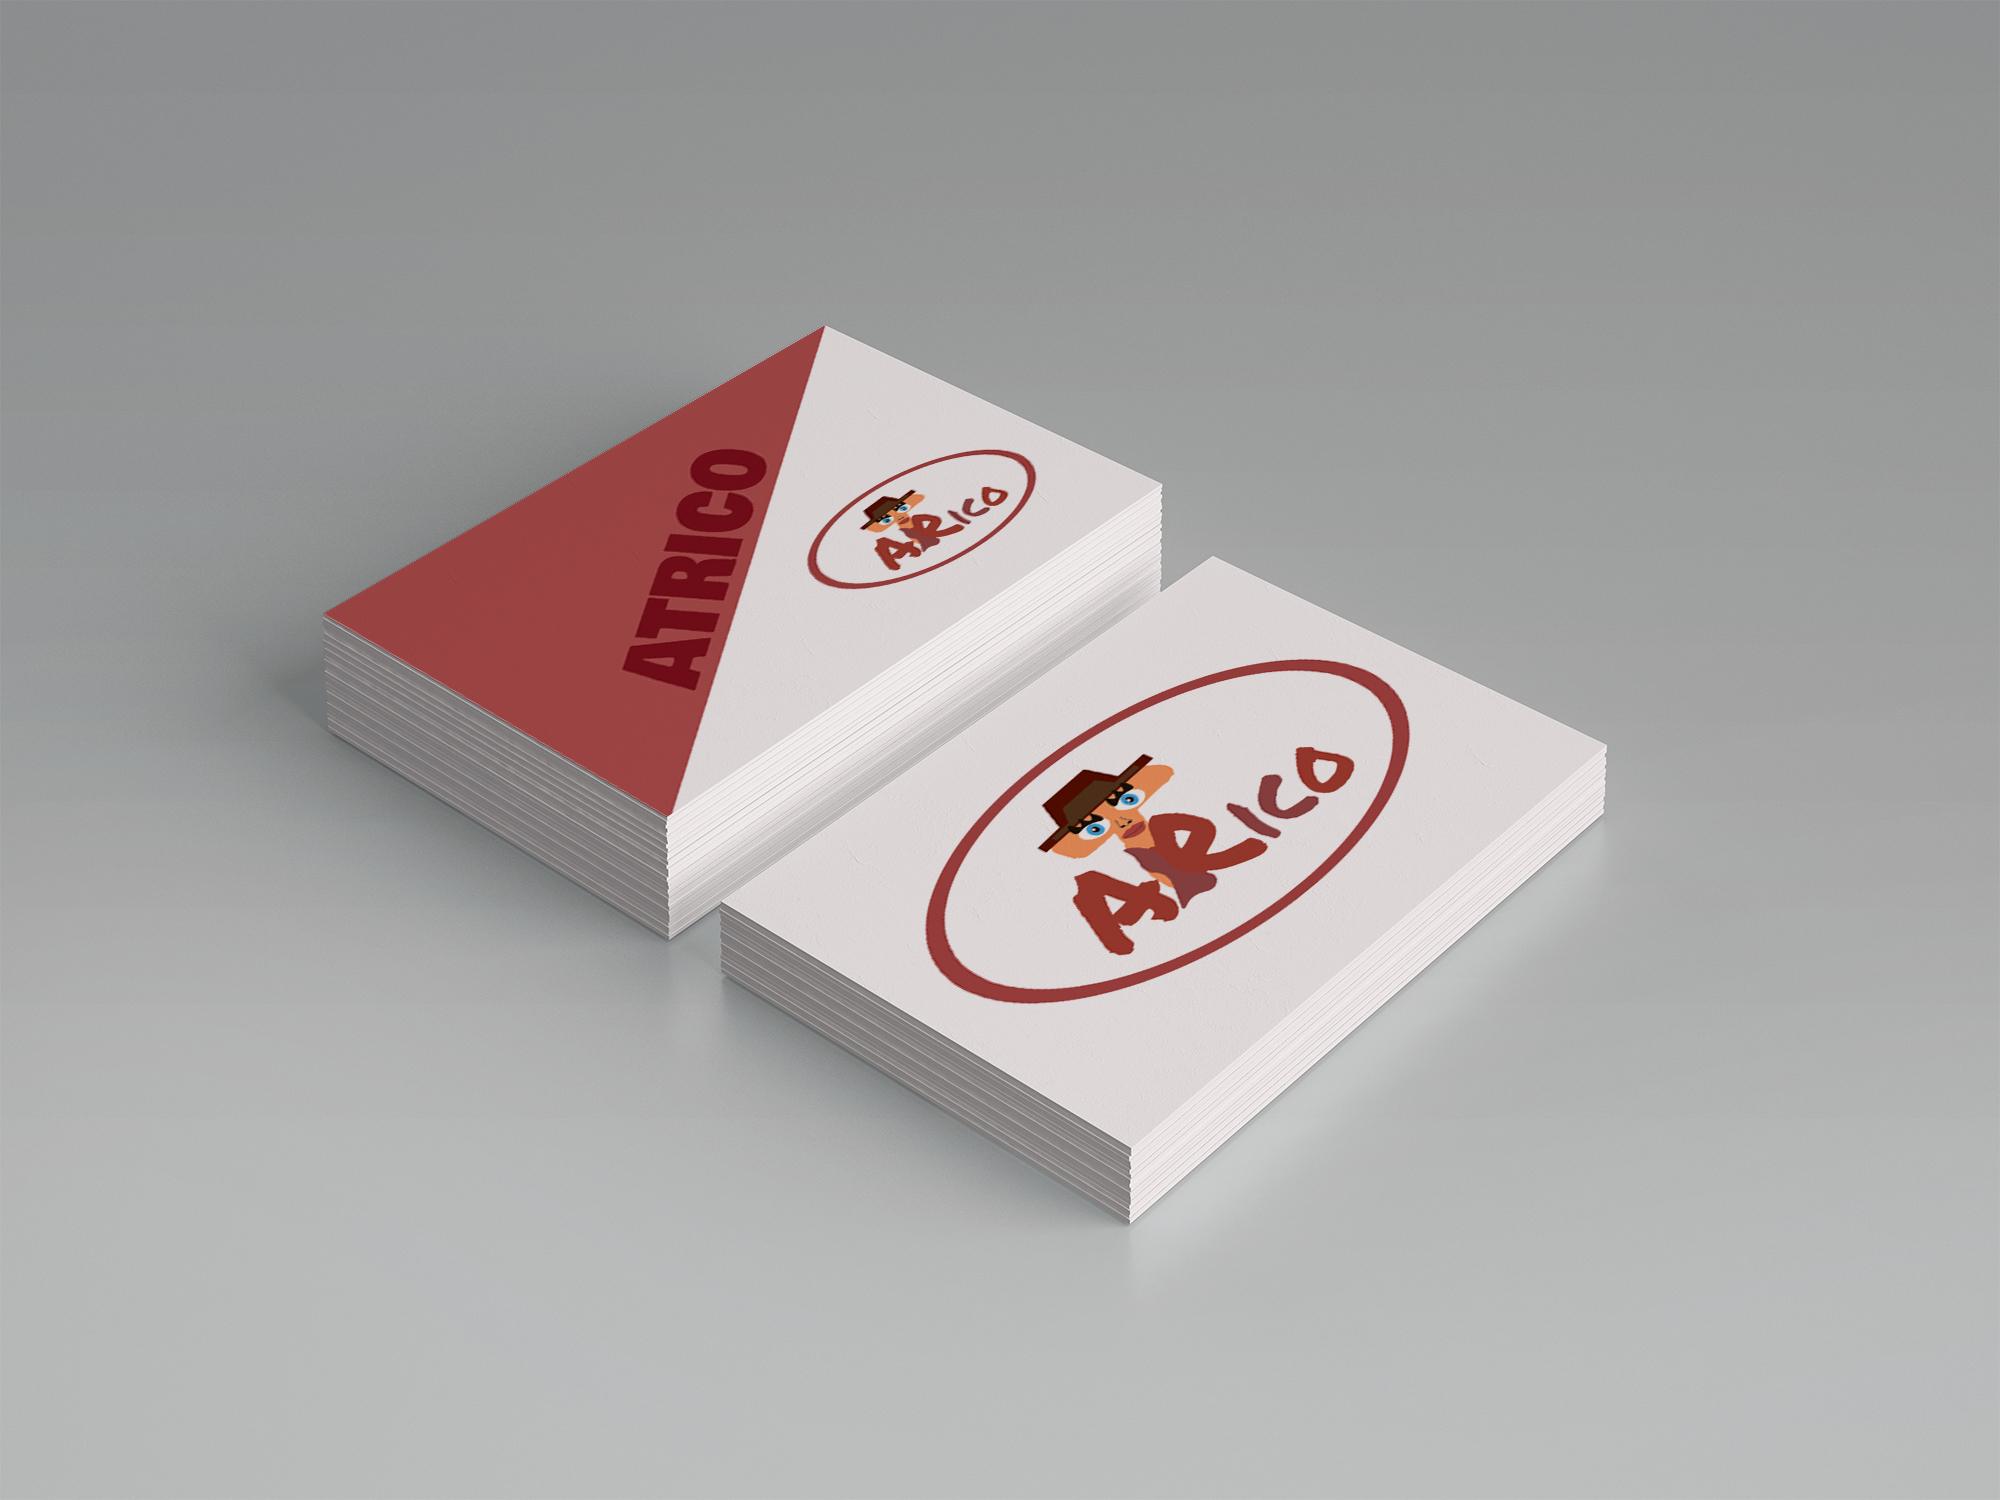 Логотип для брендовой пряжи и трикотажной одежды фото f_7225ffd820001e2d.jpg